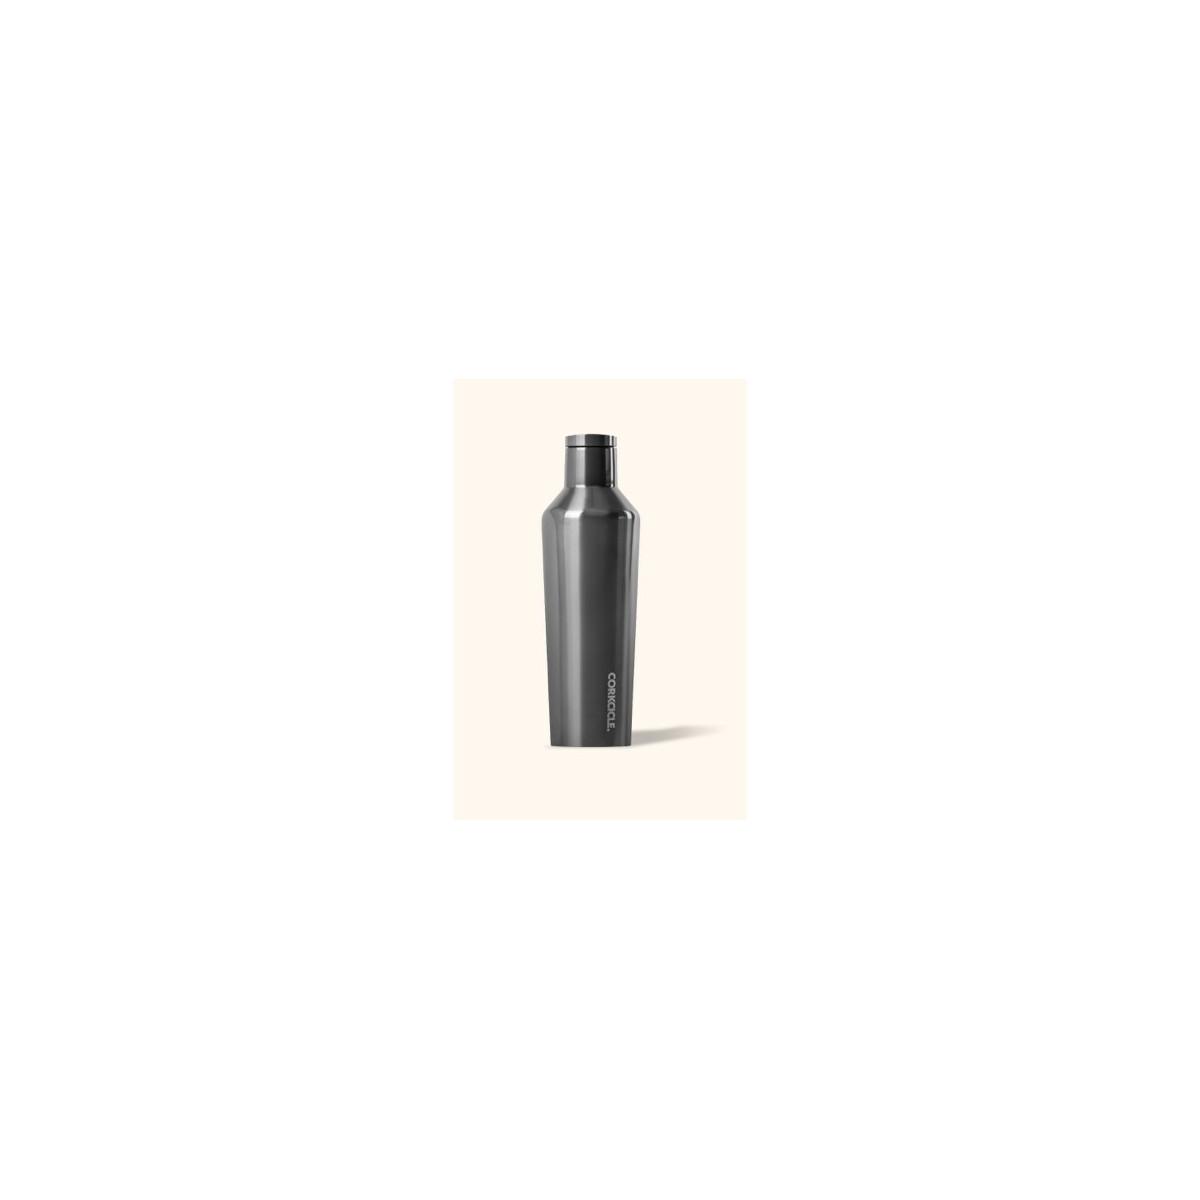 Borraccia termica - Canteen 16oz - 475ml metallic